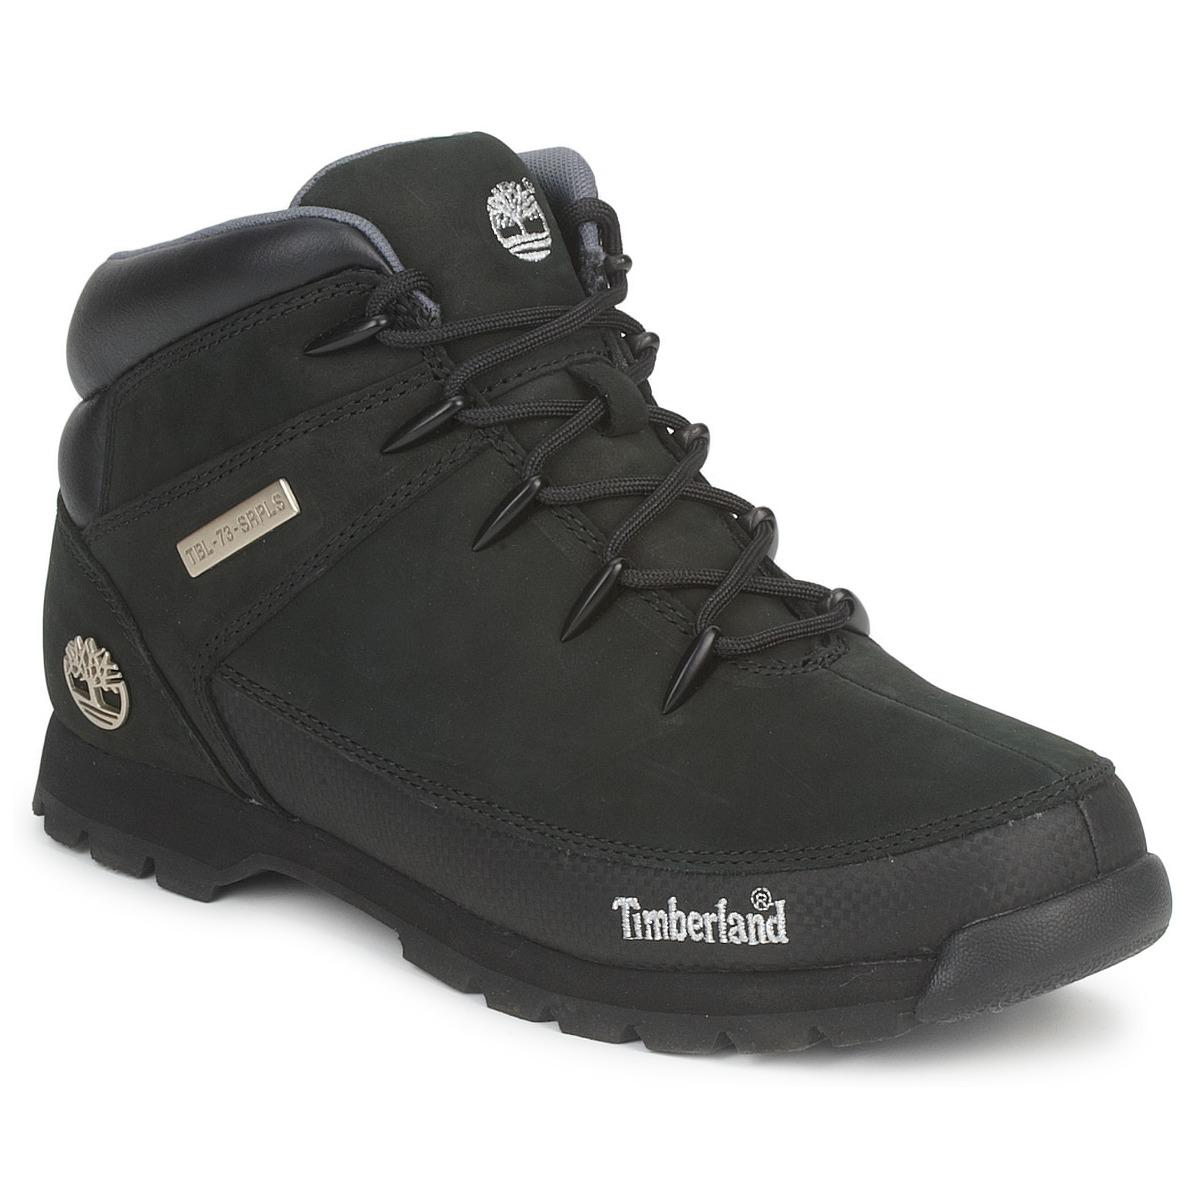 Gratis Con Botas Baja Caña Timberland Envío Zapatos De Euro Sprint 8wBqFCa